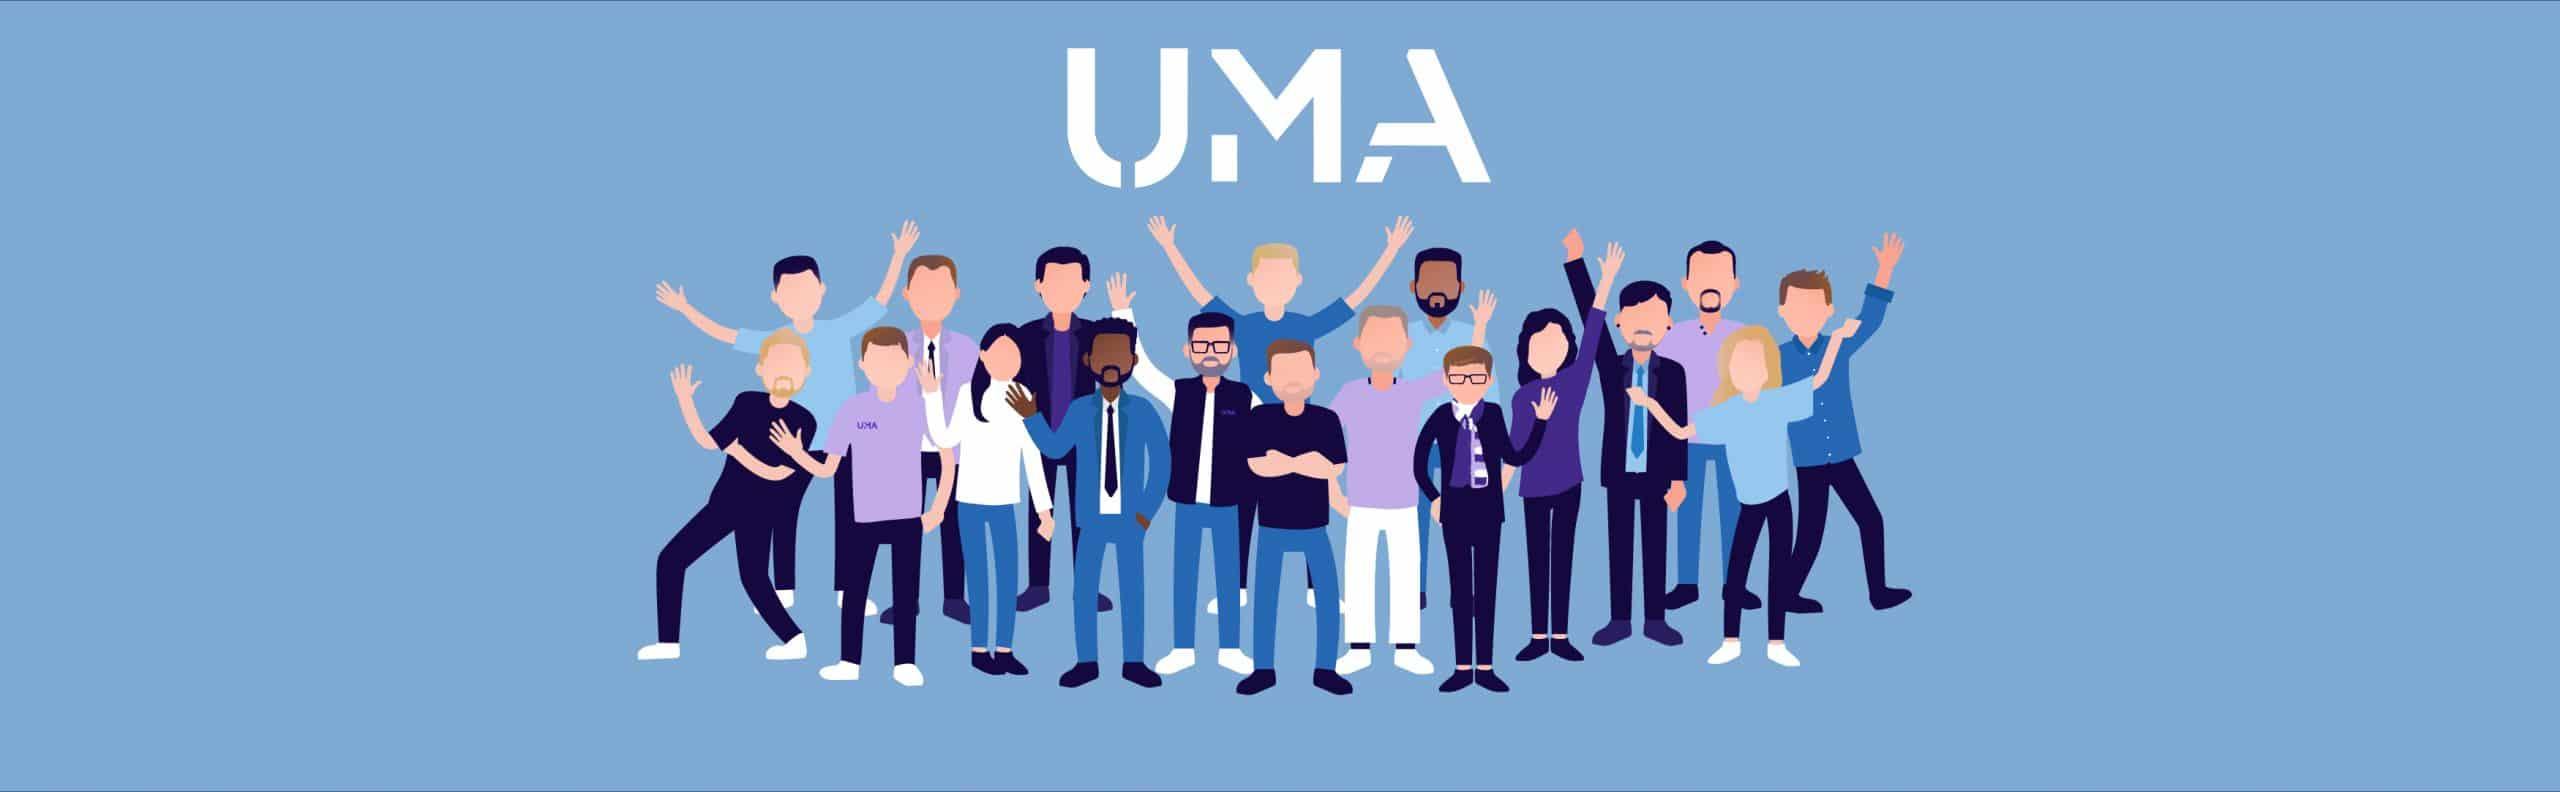 UMA Team